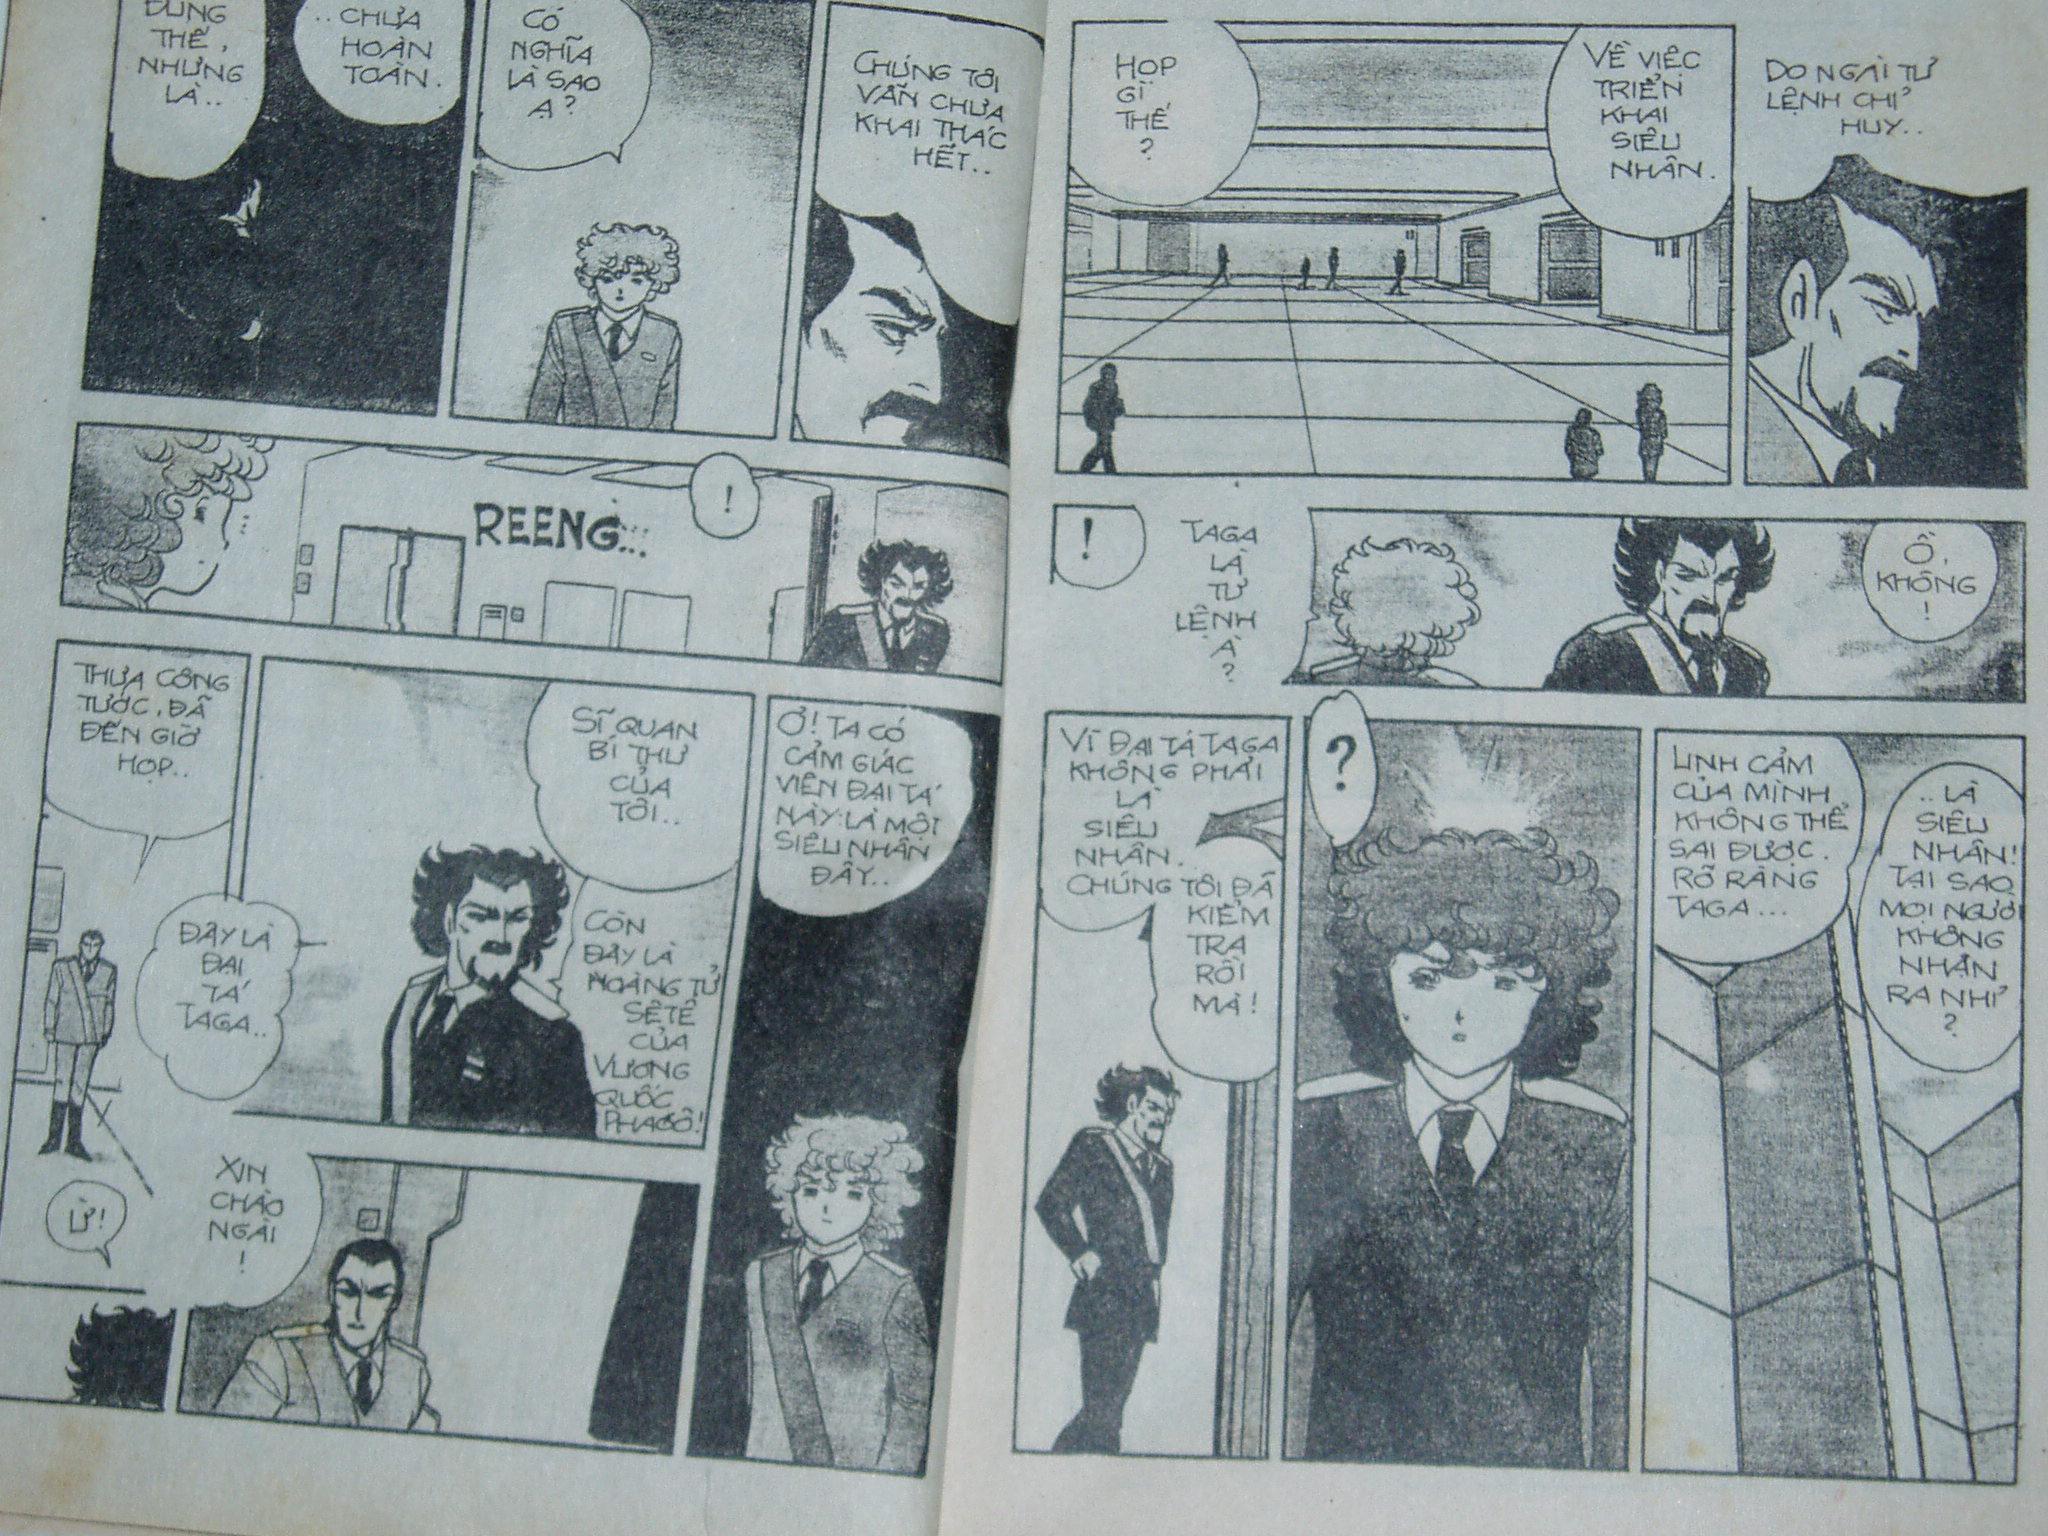 Siêu nhân Locke vol 13 trang 3